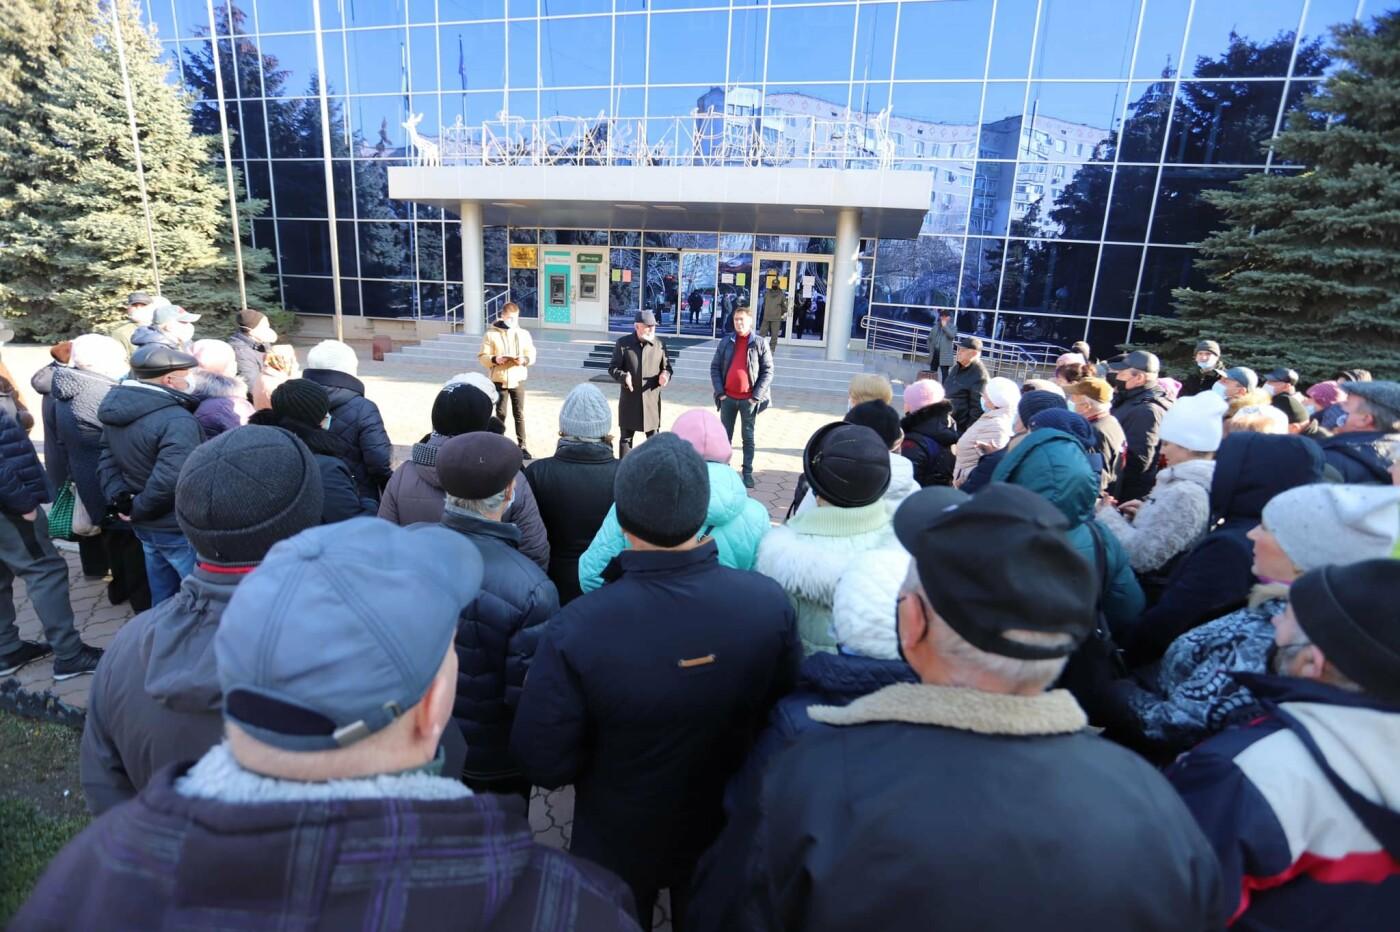 В Черноморске прошла акция протеста против повышения коммунальных тарифов, фото-1